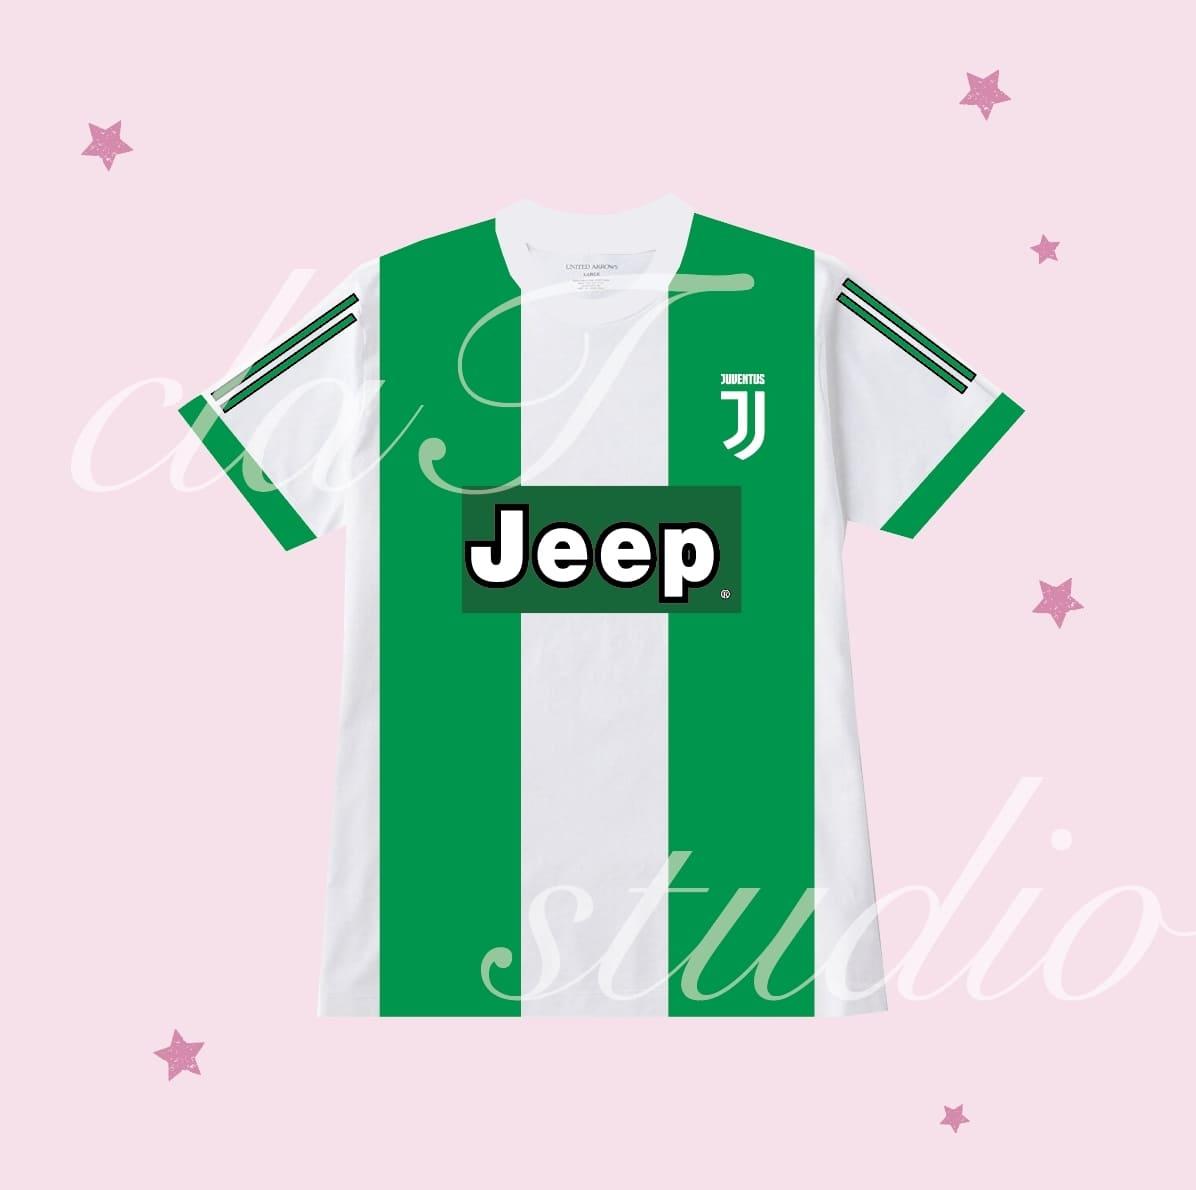 緑のサッカーユニフォームクラスtシャツ_image_0001